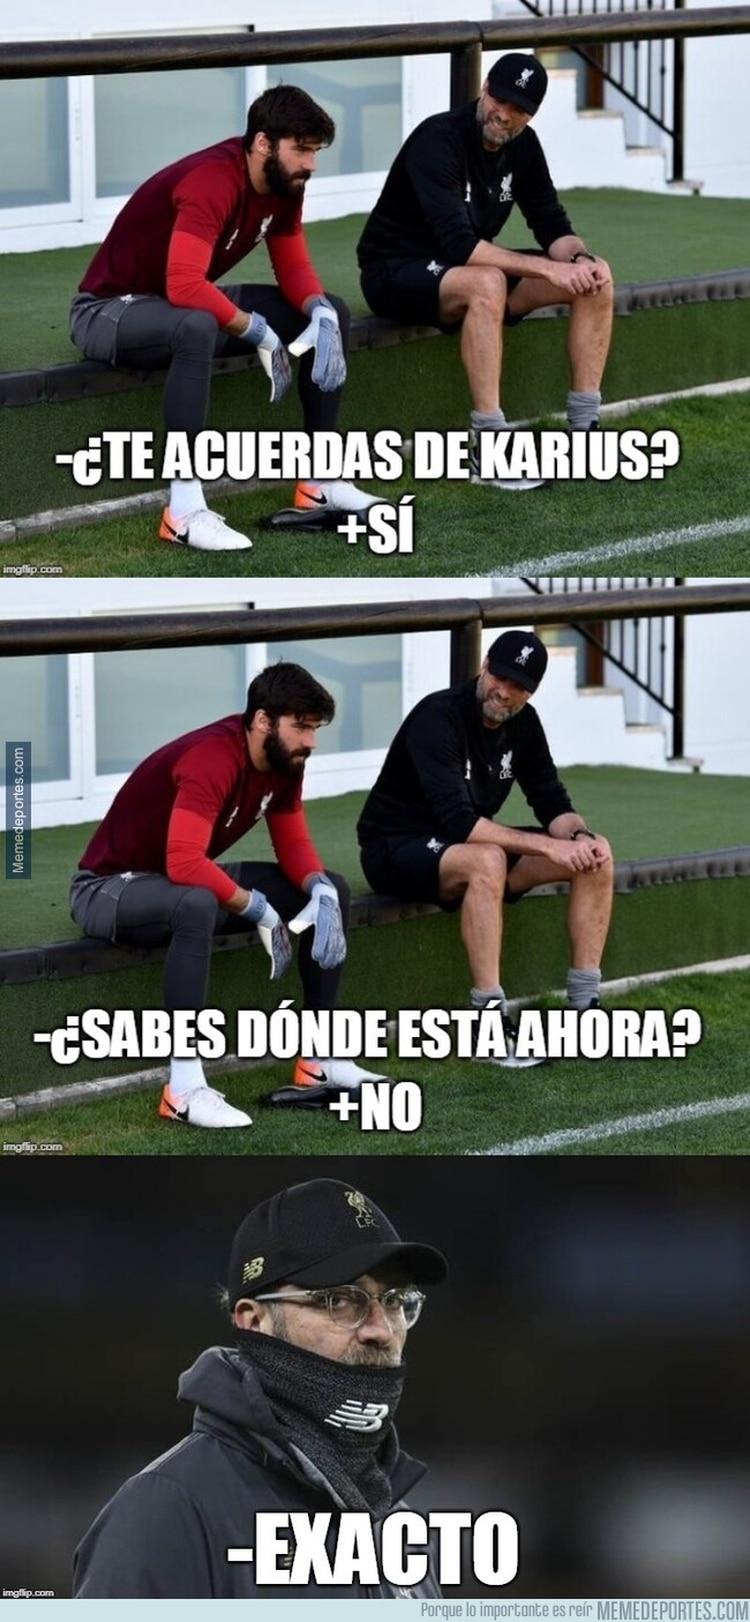 La foto de Klopp con el arquero Allison y el recuerdo de Karius, guardameta que cometió graves errores en la final del año pasado ante Real Madrid